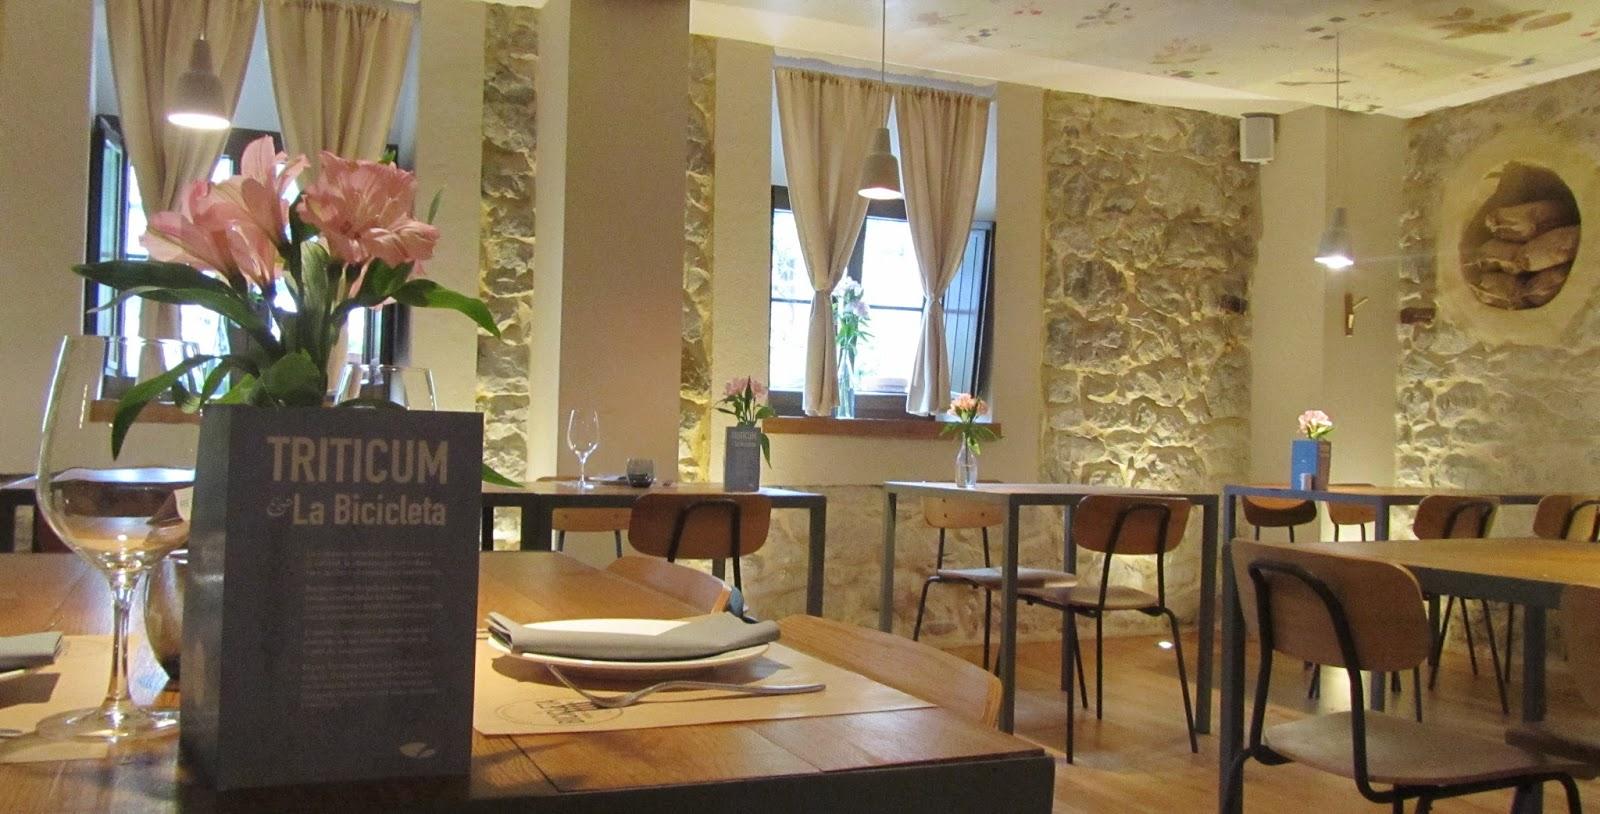 ameiseblog_Interior Restaurante La Bicicleta, Cantabria